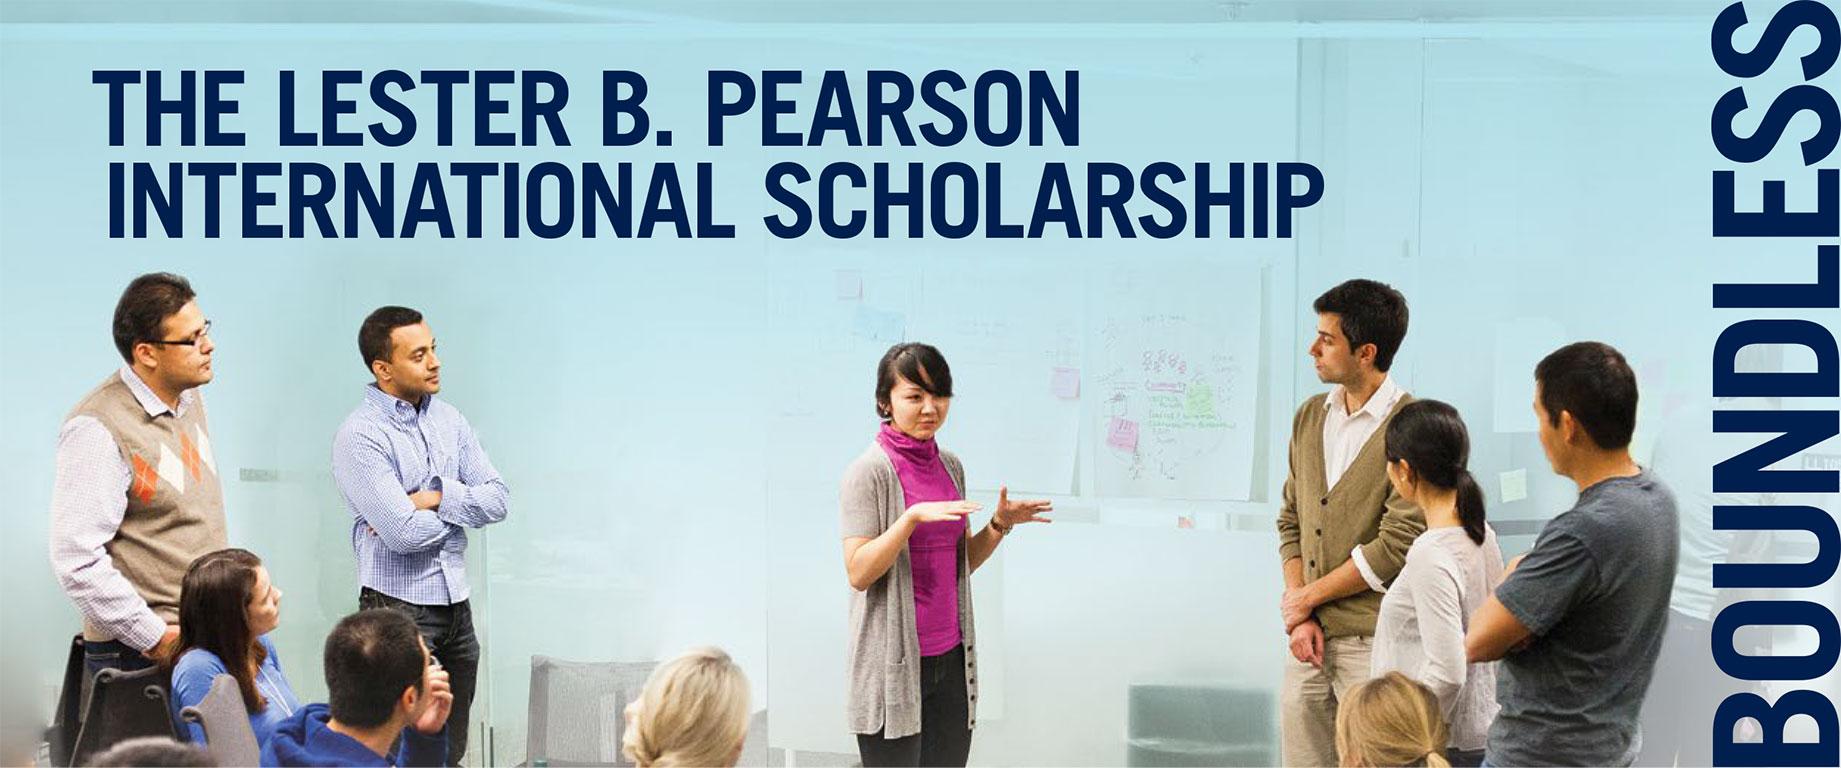 Lester B. Pearson International Scholarship Program 2018/2019